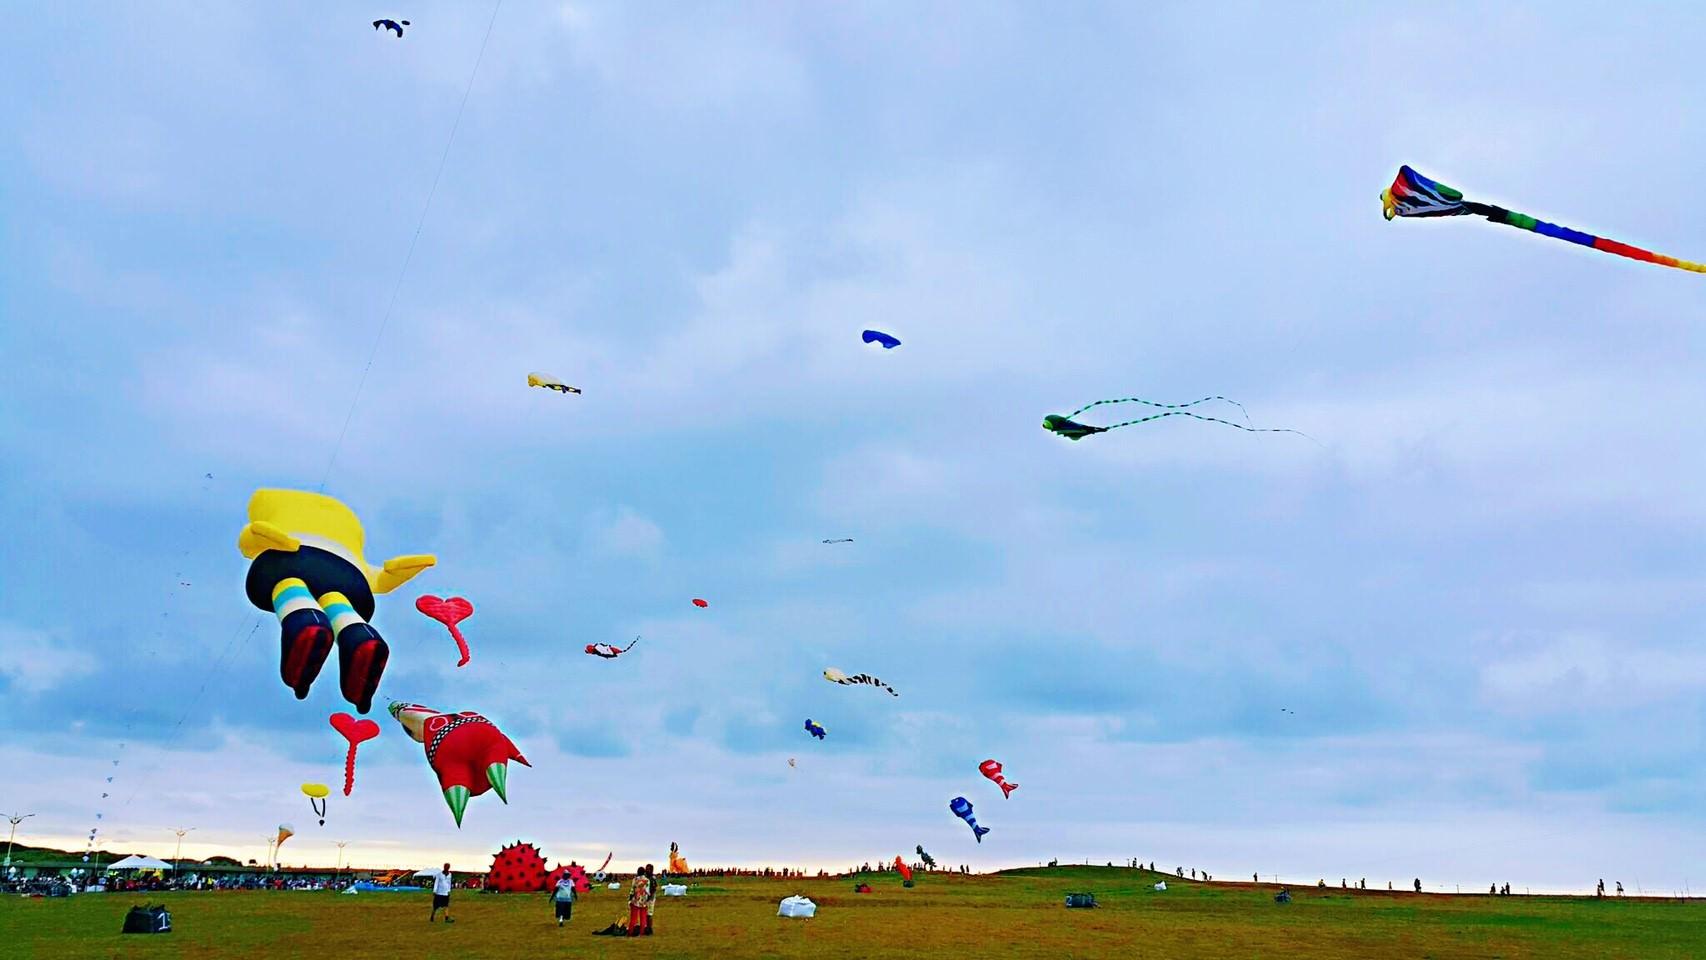 2018新竹國際風箏節即將在新竹漁港登場!活動節目表、交通資訊、抽獎活動整理